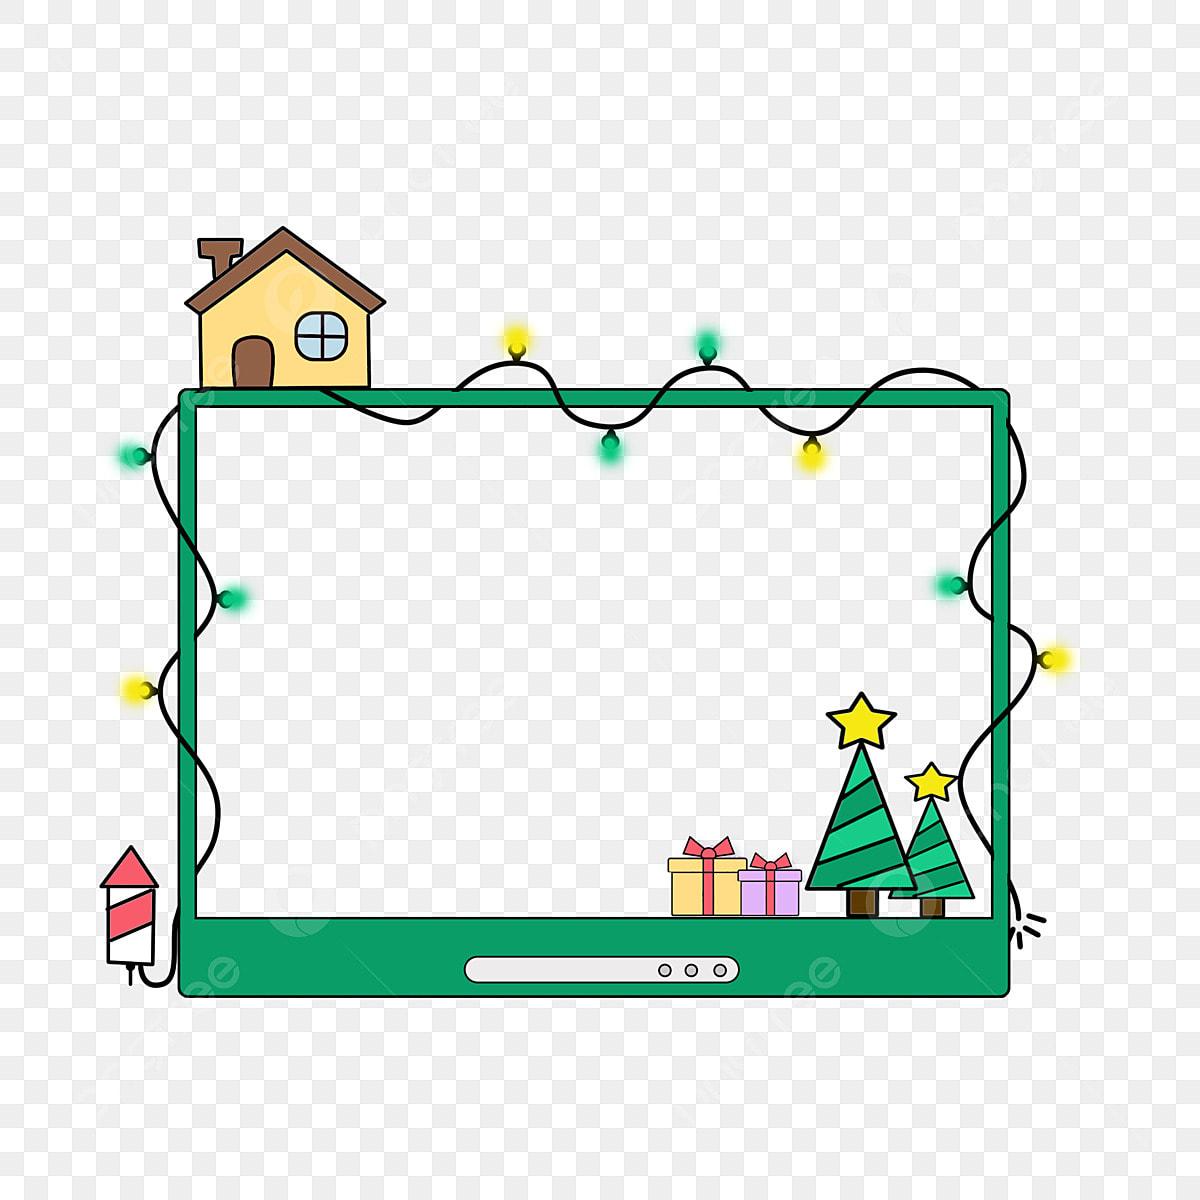 Dibujos De Navidad Creativos.Navidad Mano Dibujada Dibujos Animados Creativos Hermosa